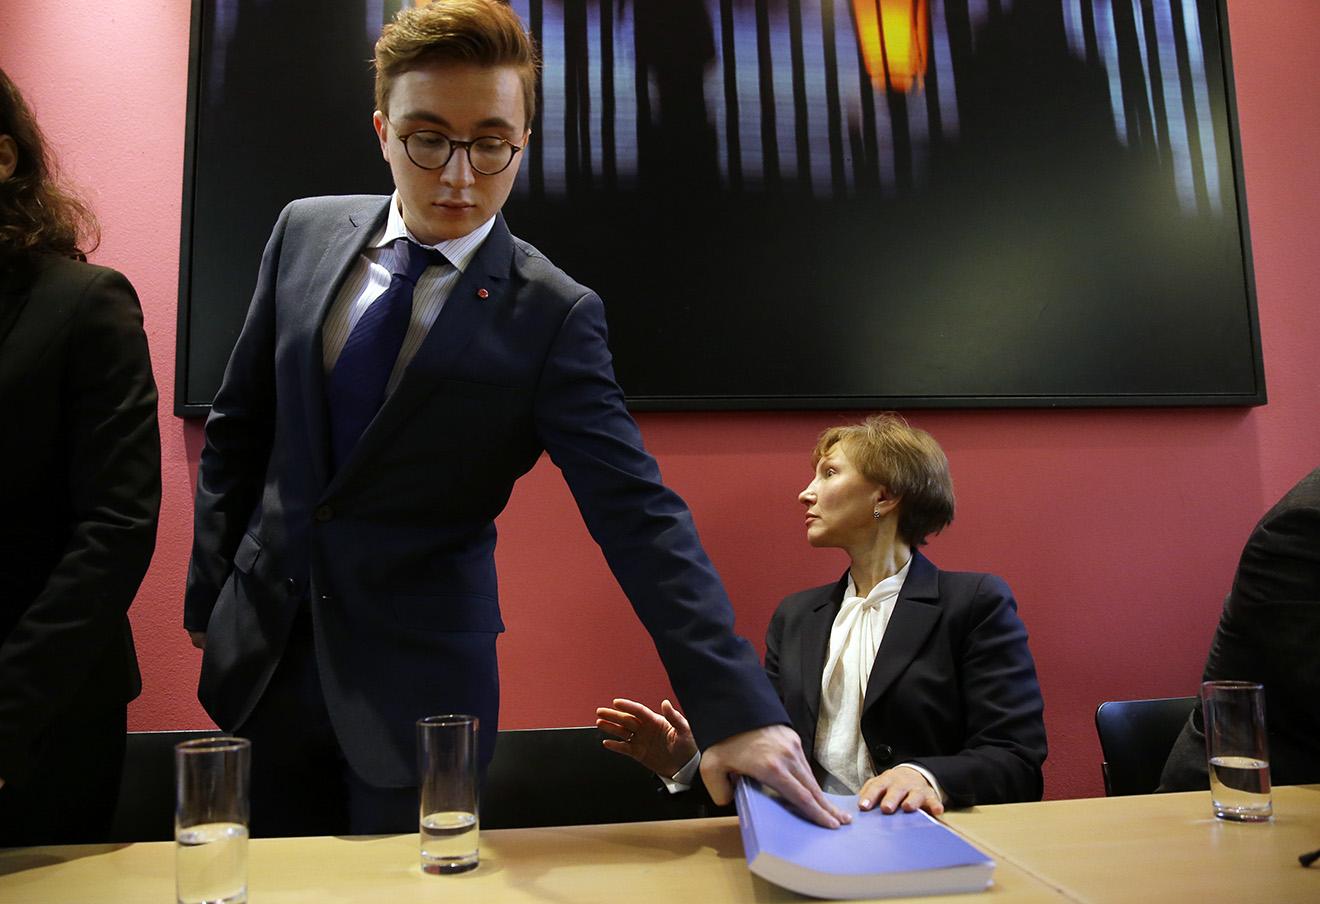 Сын Александра Литвиненко Анатолий и Марина Литвиненко на пресс-конференции в Лондоне, 21 января 2016 года. Фото: Matt Dunham / AP